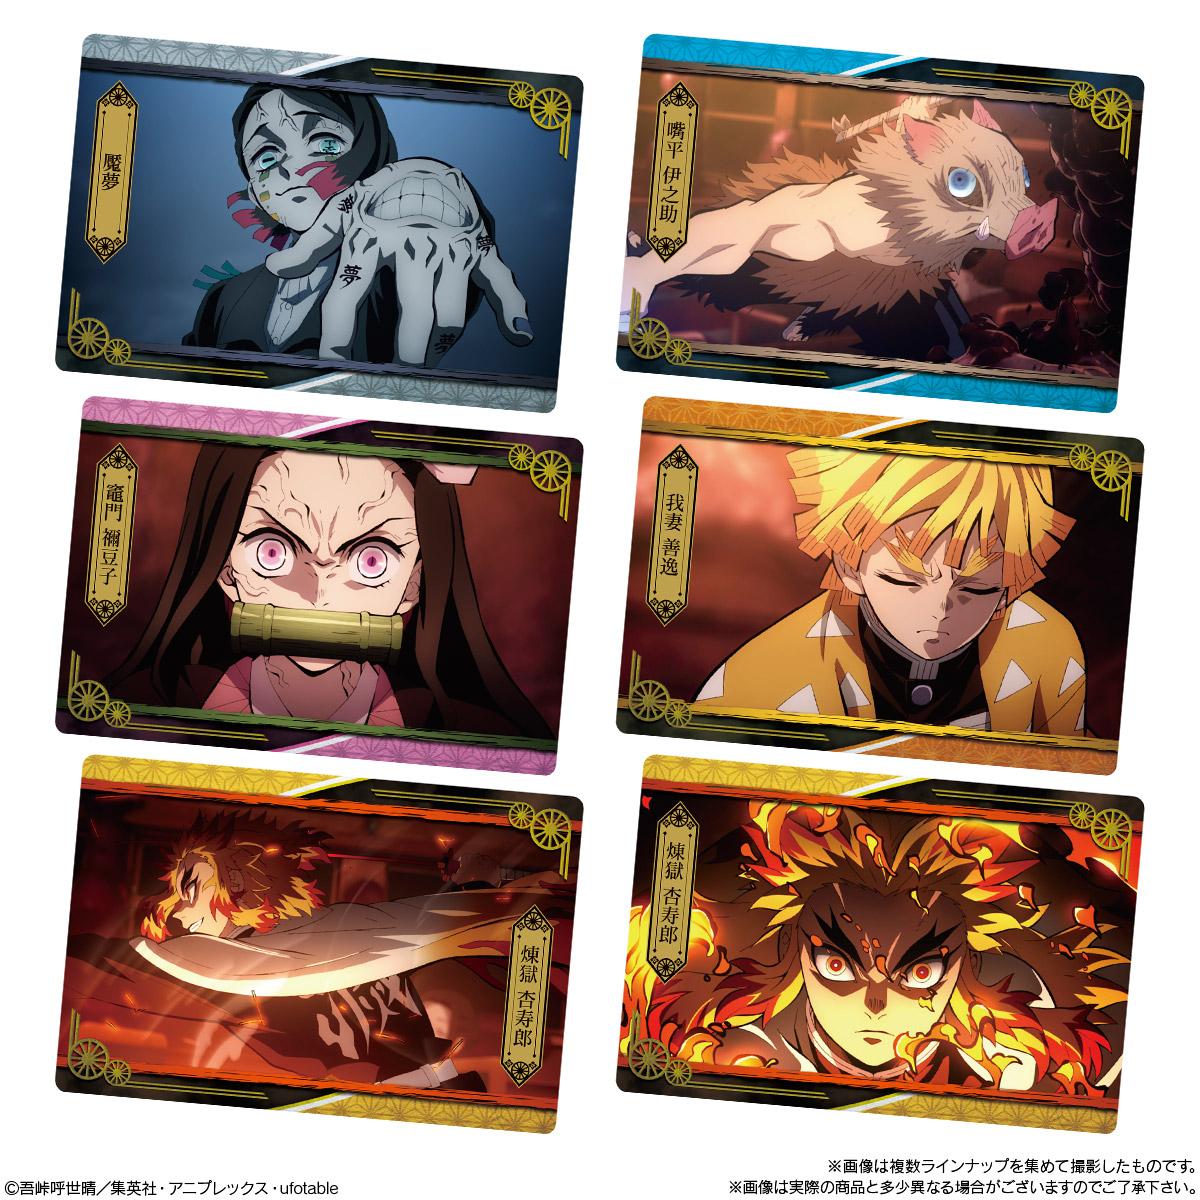 【食玩】鬼滅の刃『鬼滅の刃ウエハース4』20個入りBOX-007